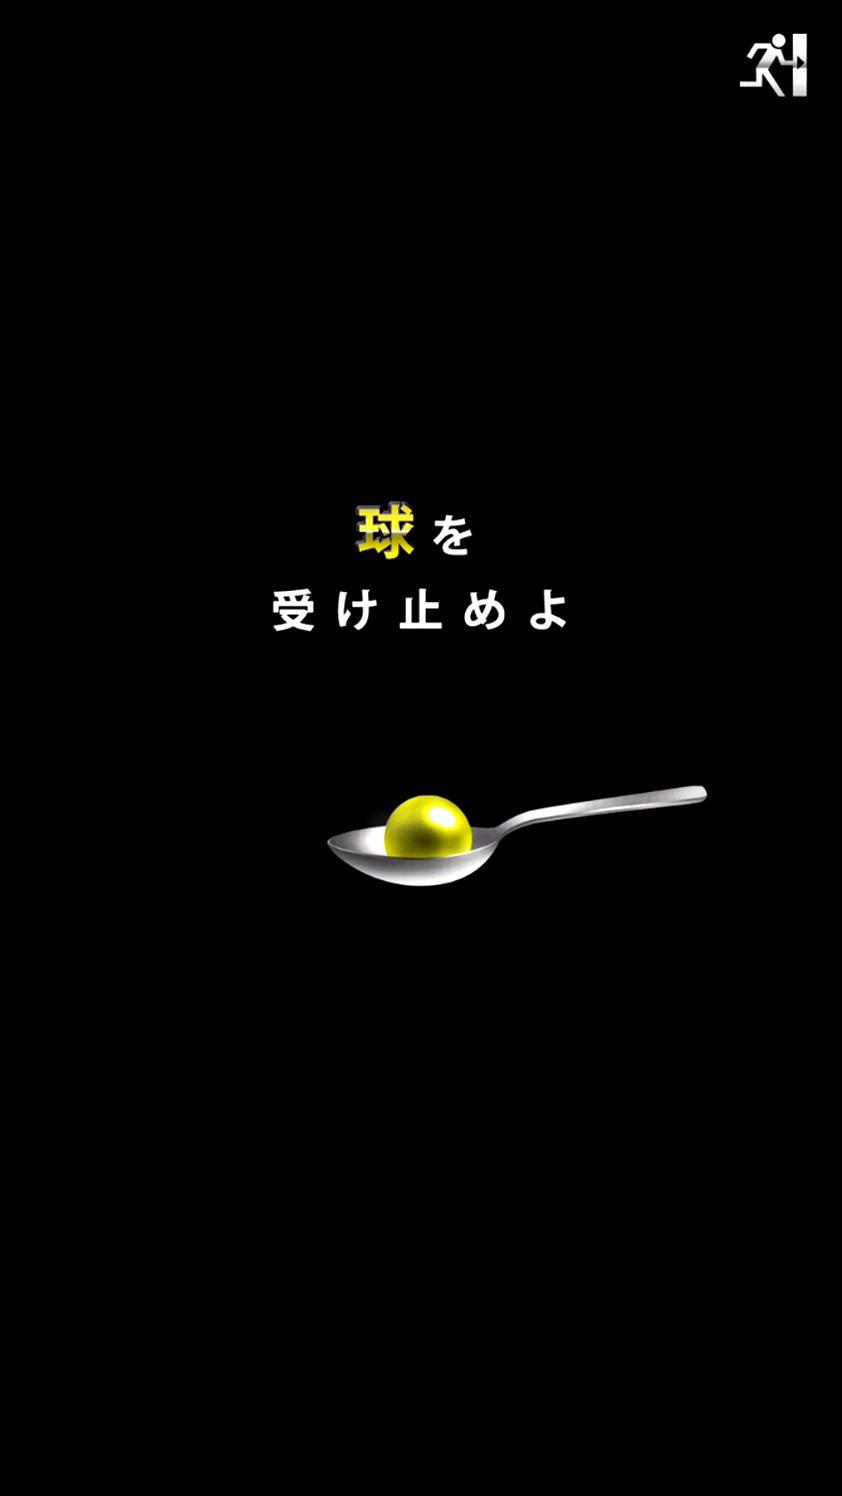 androidアプリ 奇跡のスプーン【落ちてくる球を受け止めよ】攻略スクリーンショット3